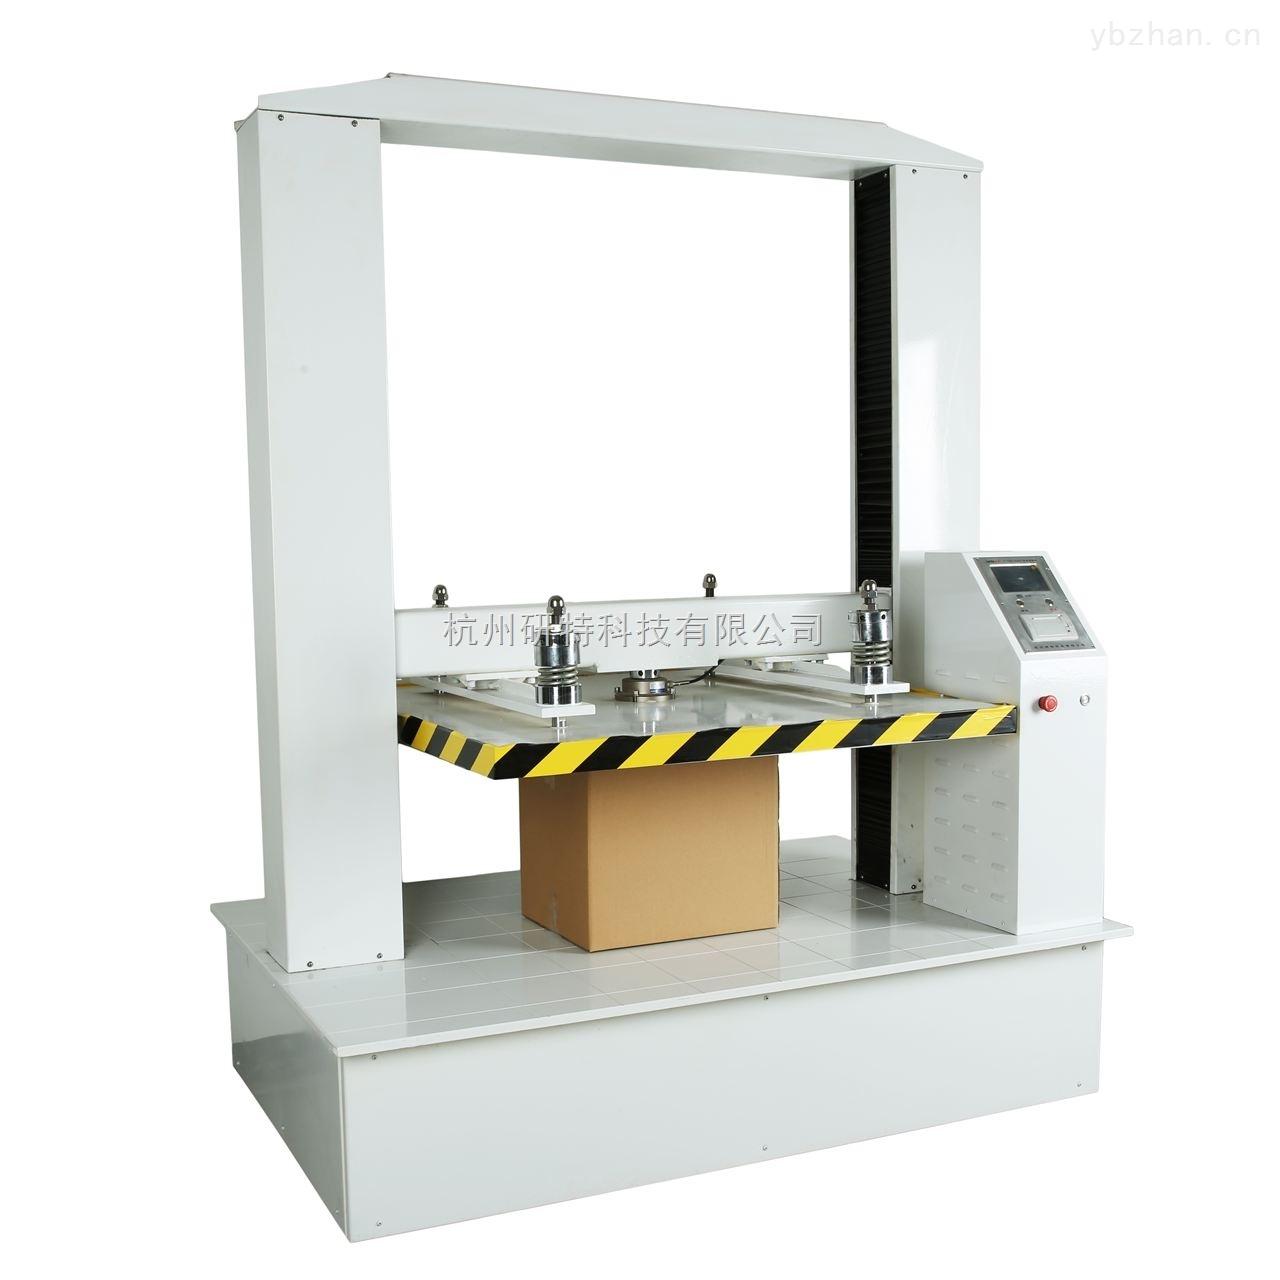 纸箱抗压仪,纸箱抗压仪厂家